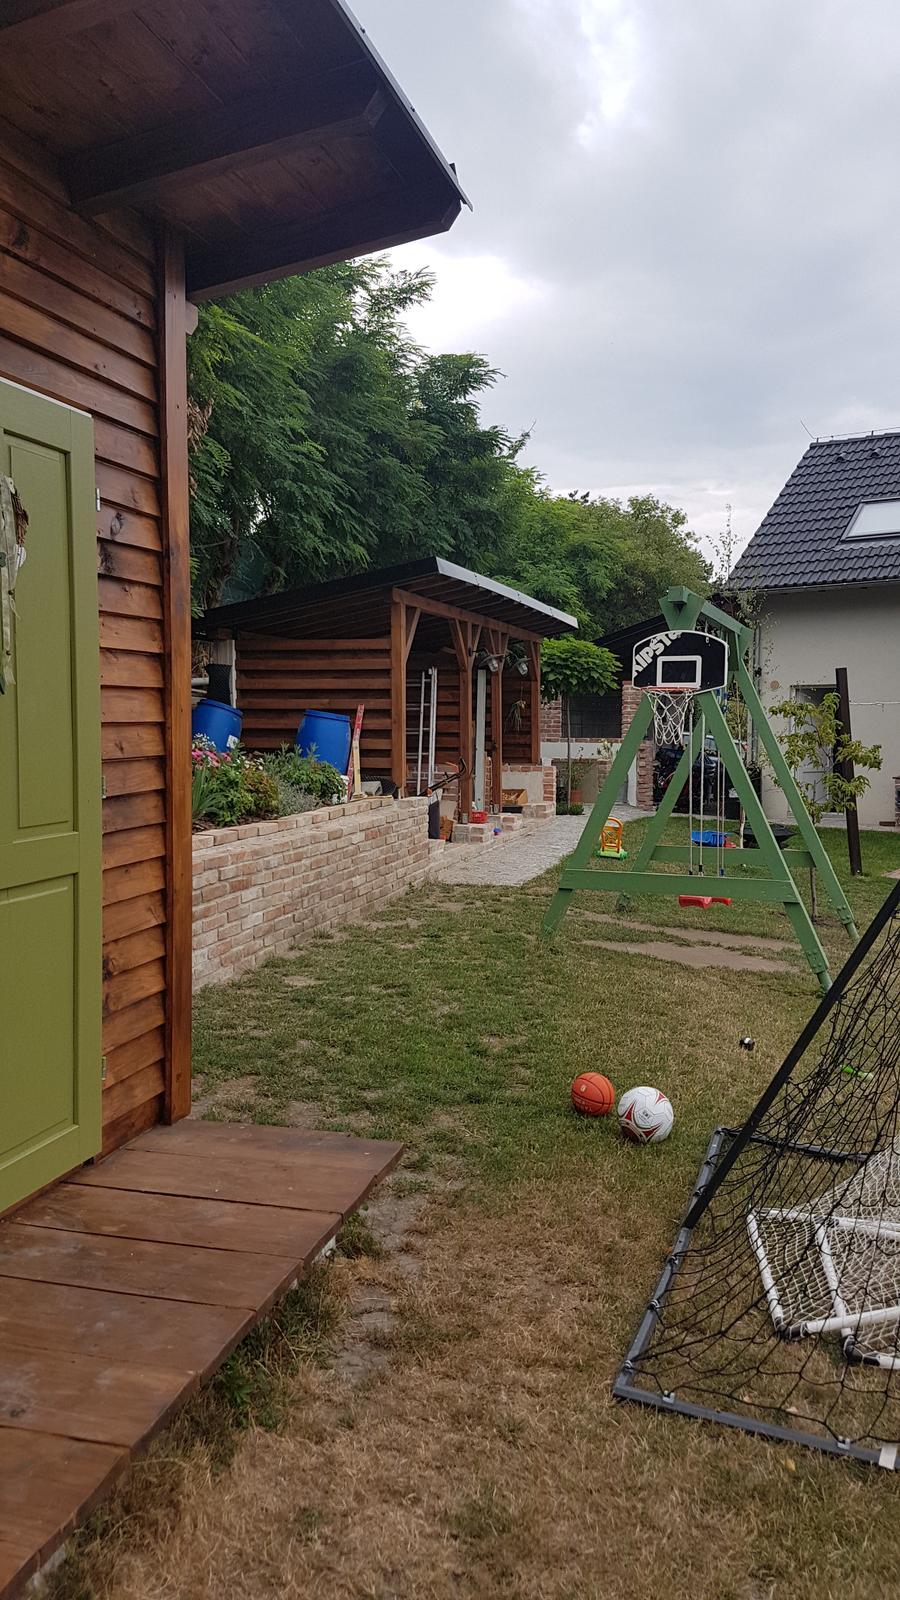 Drevník a kafé kútik - projekt roku  2018 - Obrázek č. 162